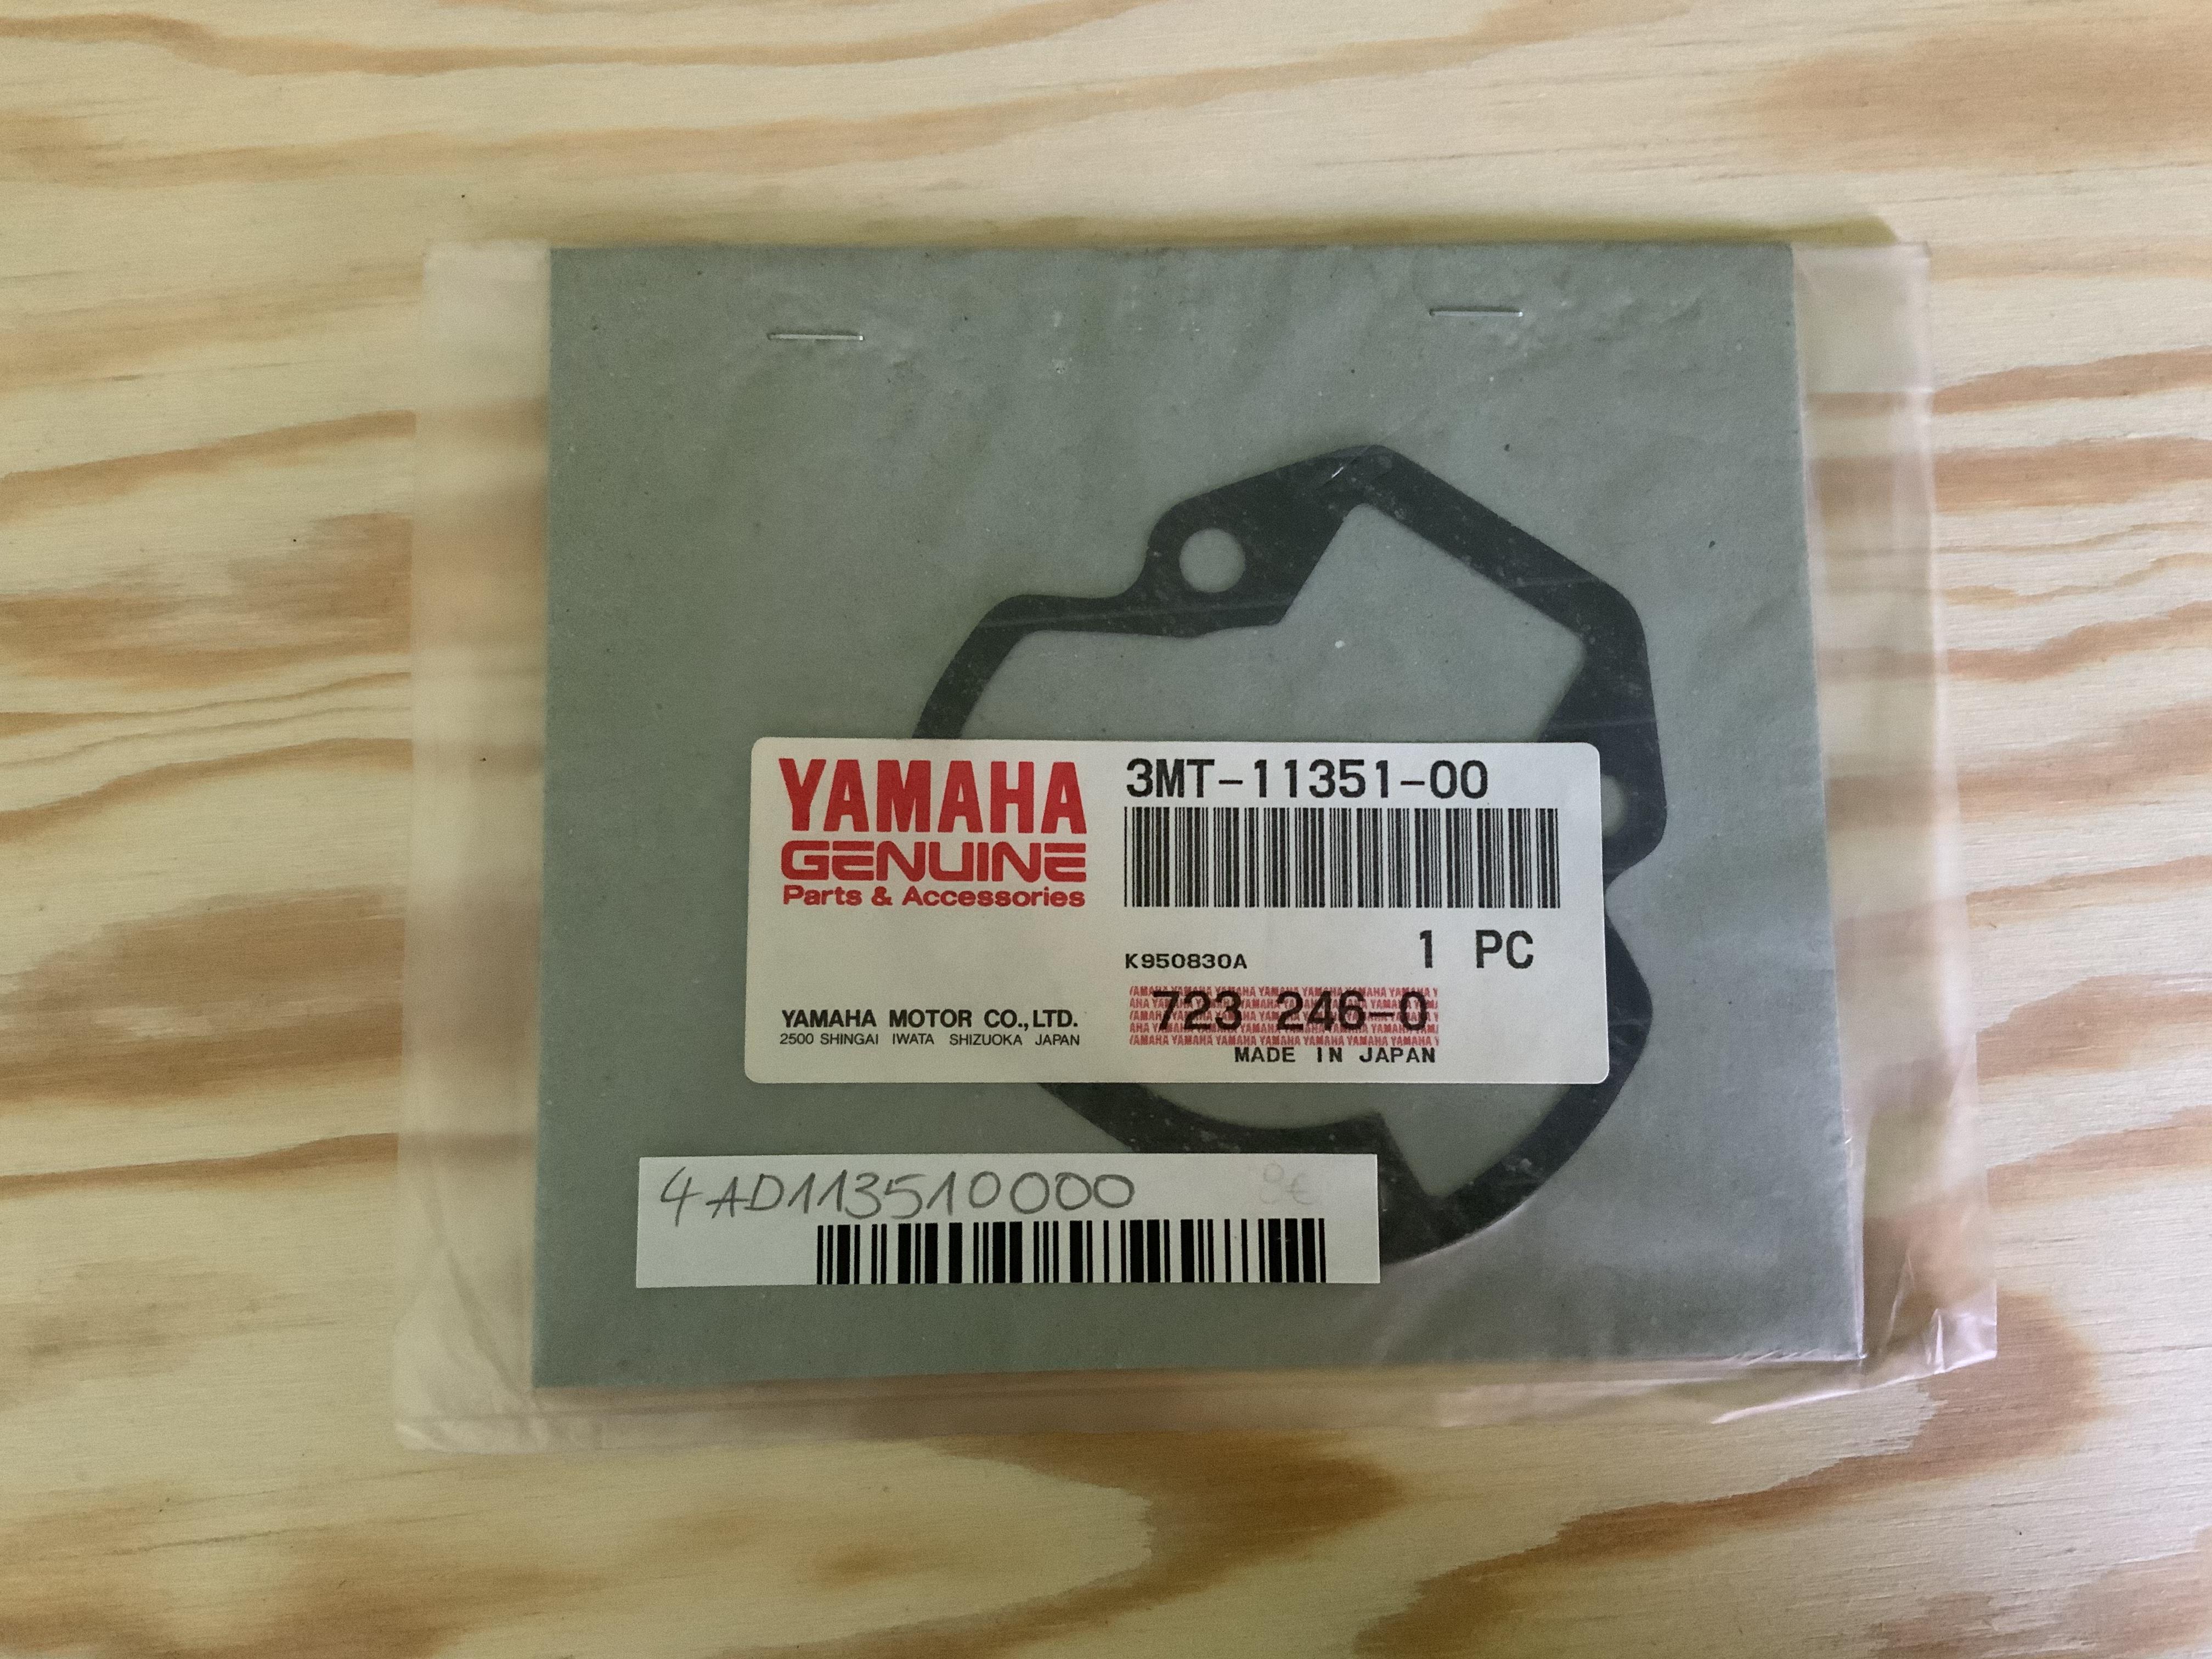 Zylinderfußdichtung Yamaha 4AD113510000 Image